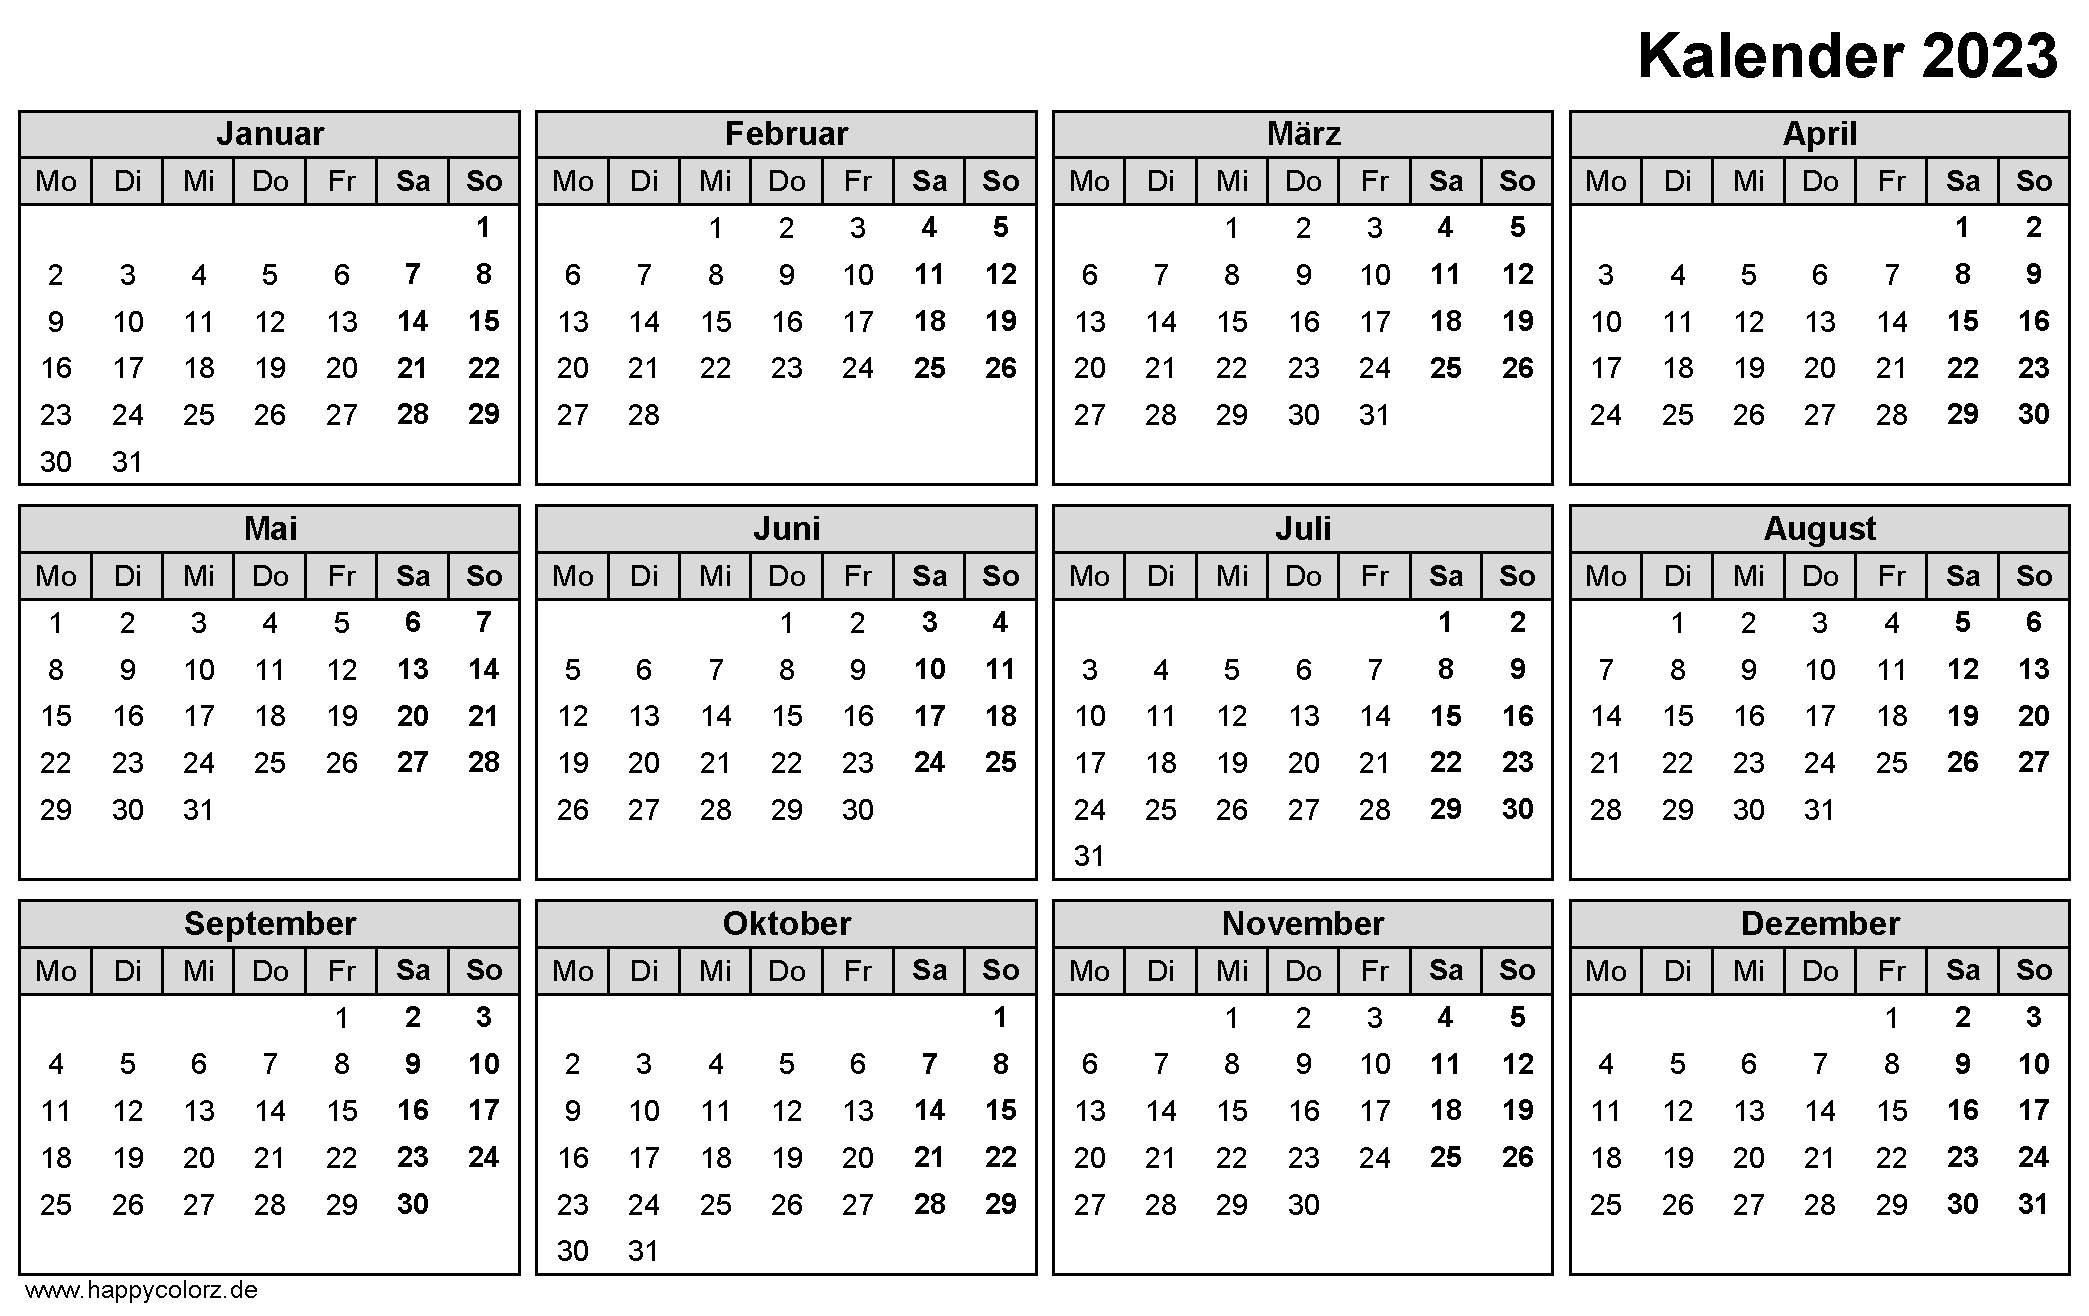 Jahreskalender 2023 zum Ausdrucken